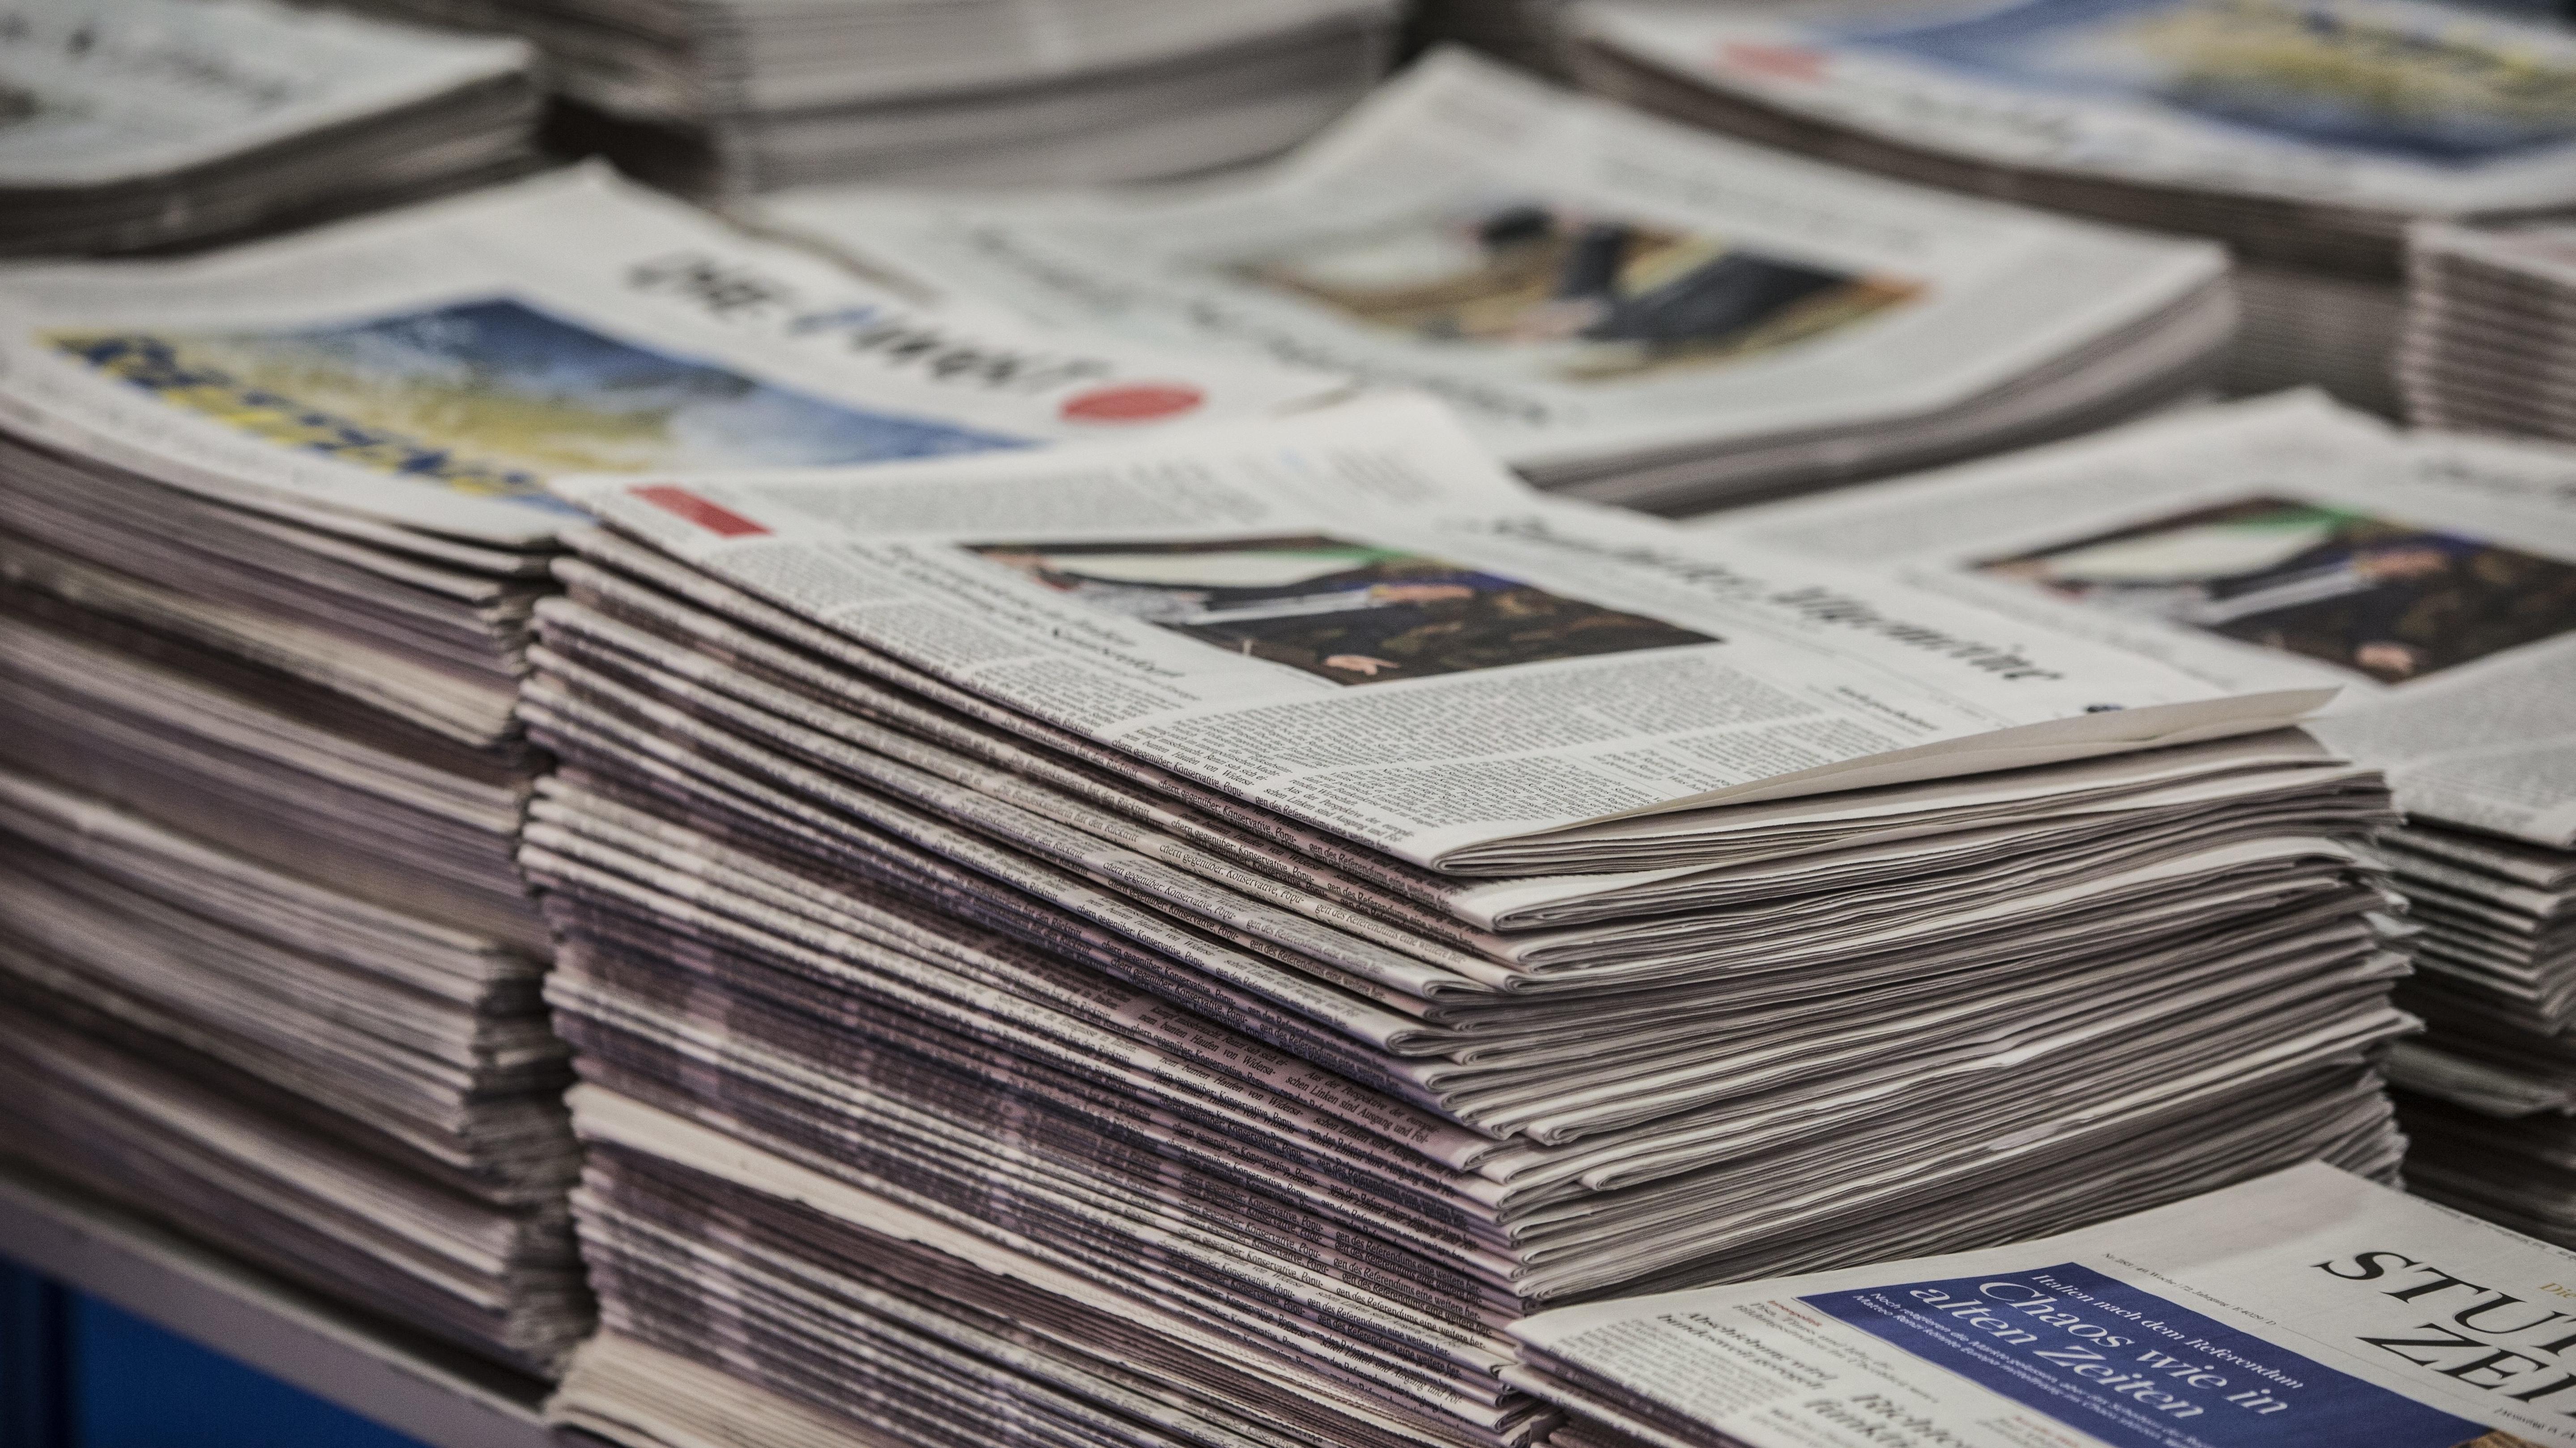 Stapel verschiedener Tageszeitungen - Symbolbild